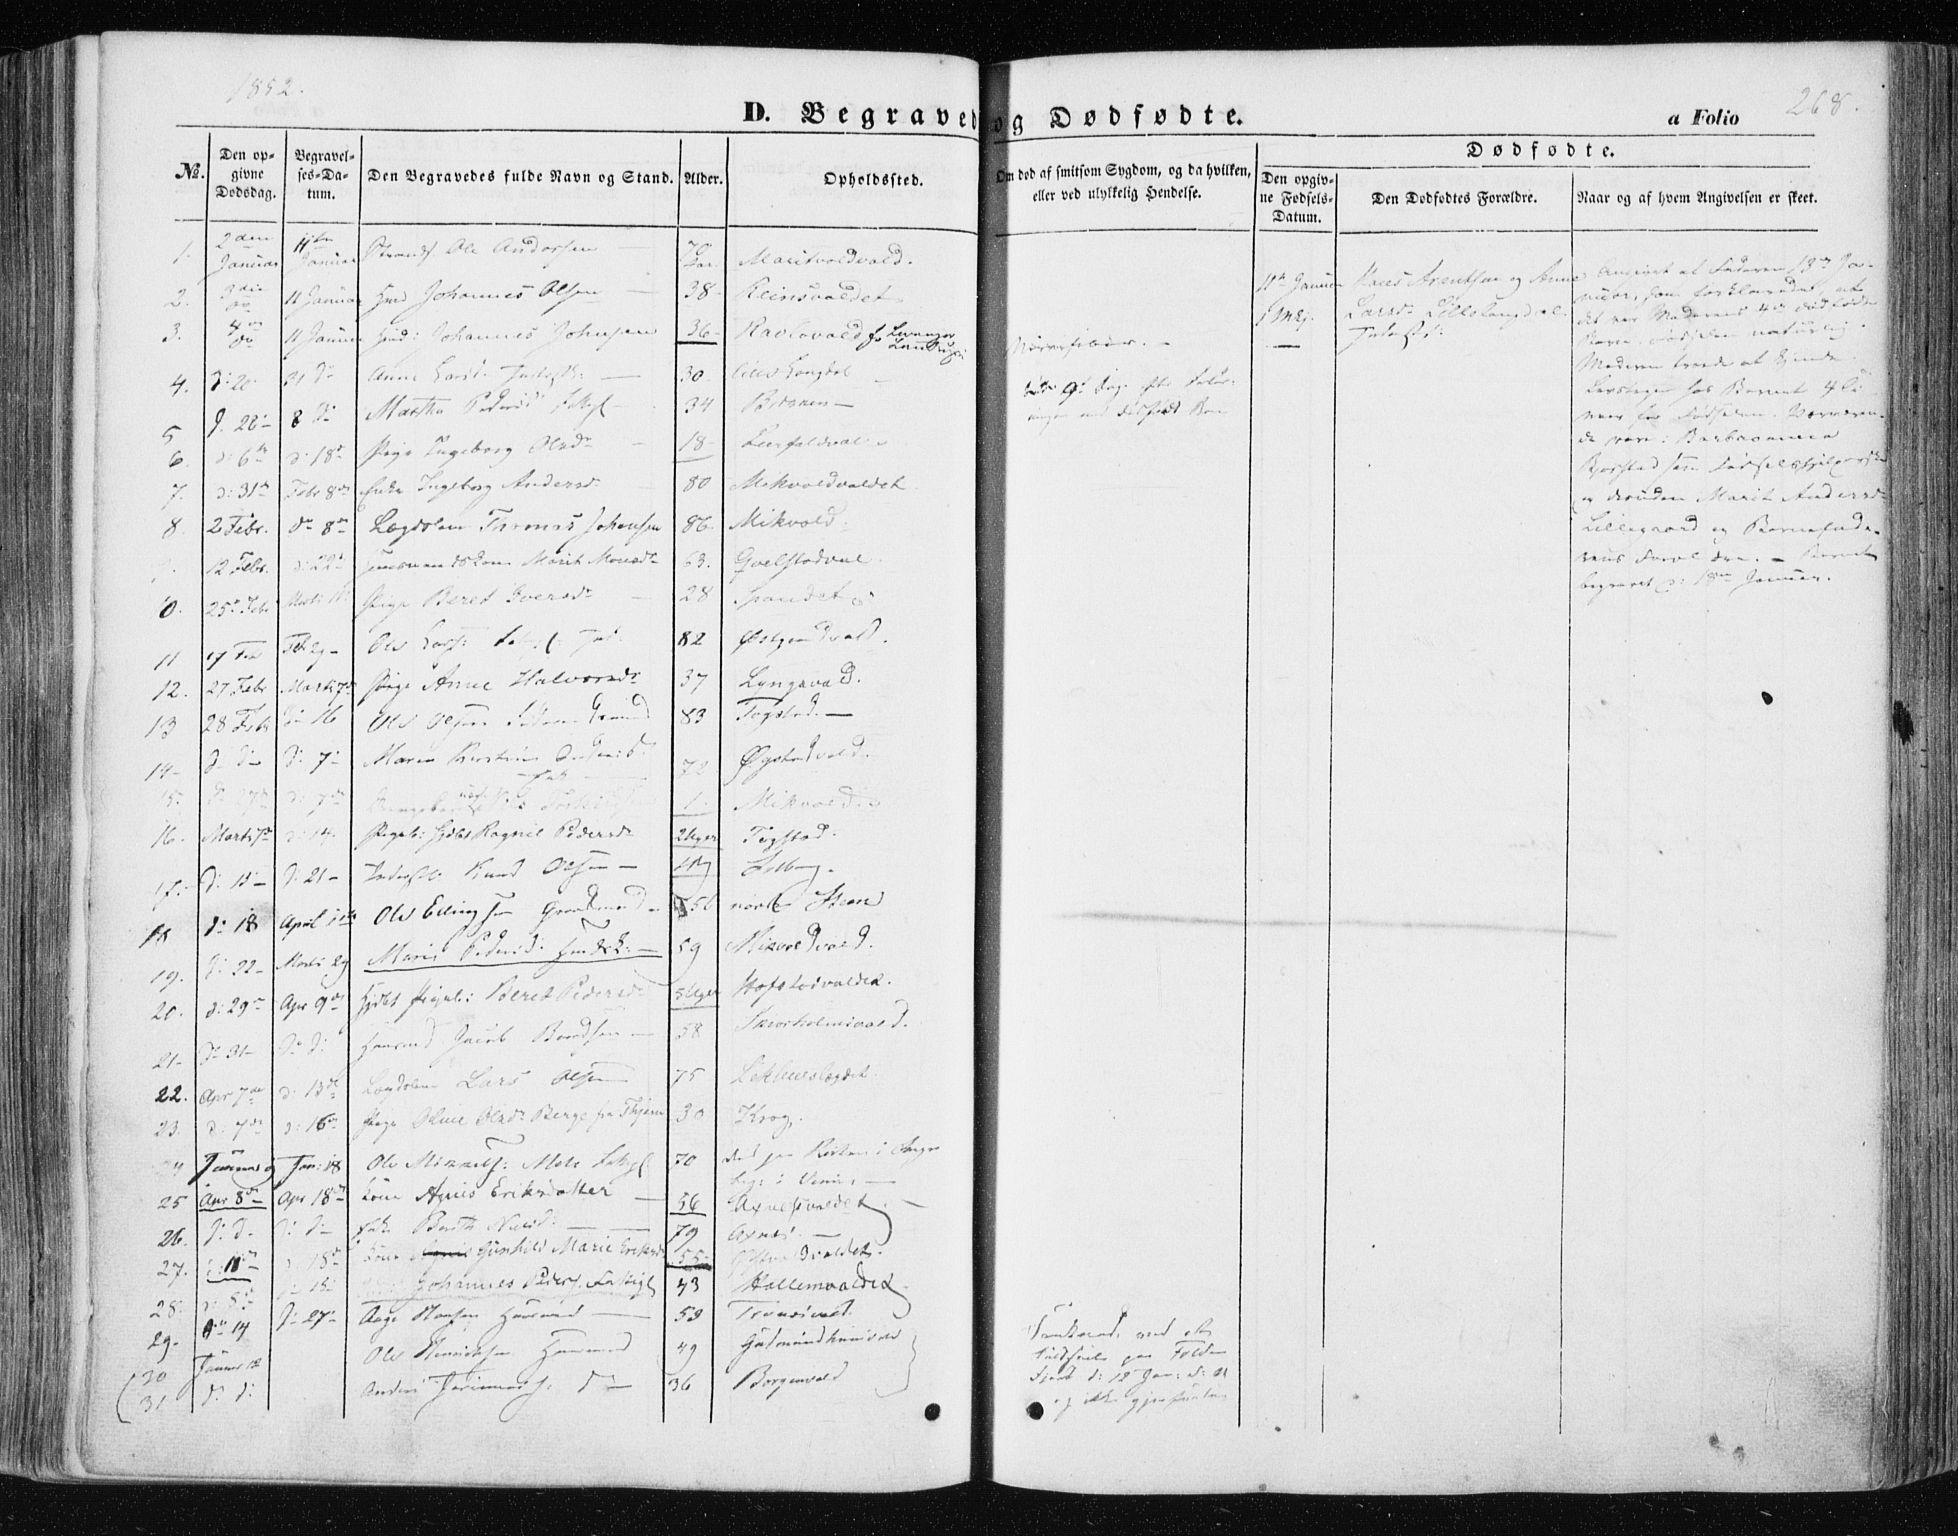 SAT, Ministerialprotokoller, klokkerbøker og fødselsregistre - Nord-Trøndelag, 723/L0240: Ministerialbok nr. 723A09, 1852-1860, s. 268